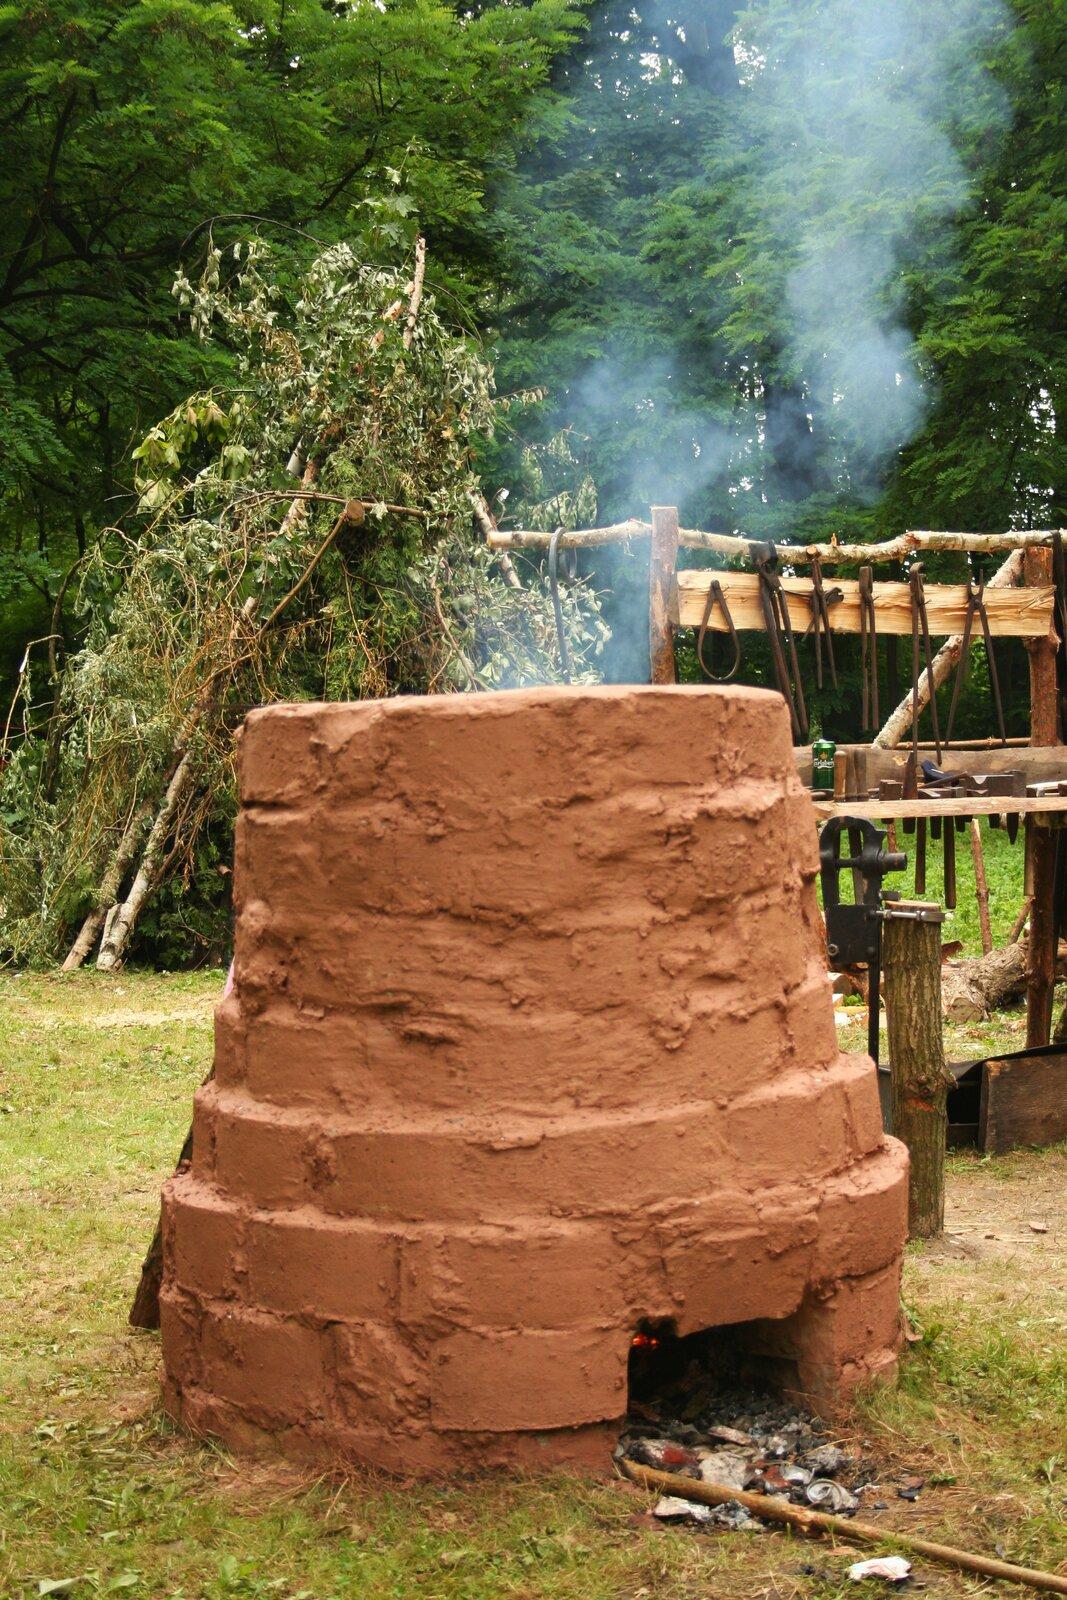 Zdjęcie przedstawia zrekonstruowaną dymarkę, czyli dawny piec hutniczy zcegieł igliny, wktórym wytapiane było żelazo zich rud. Wdolnej części dymarki widoczny jest otwór wktórym umieszczano węgiel drzewny iprzez który przedostawało się powietrze niezbędne do podtrzymania ognia.